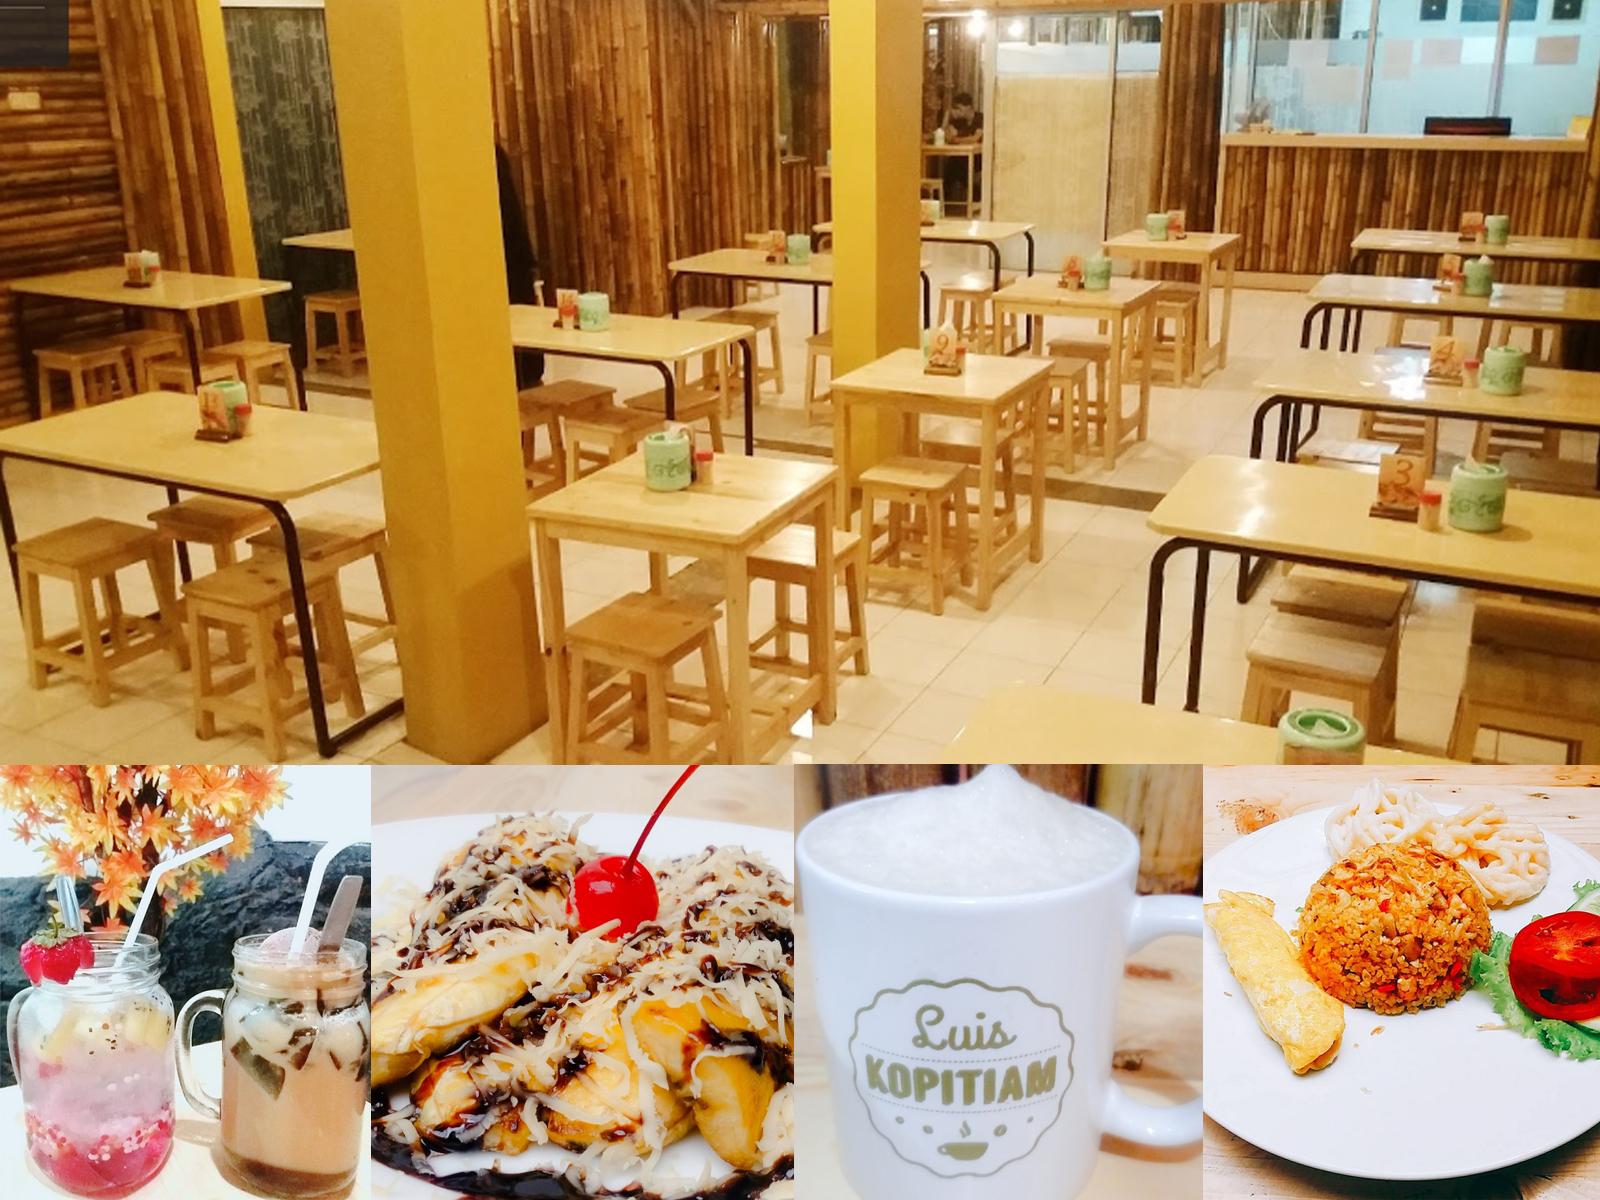 Luis Kopitiam Cafe Jalan Ahmad Dahlan 56 Bandung